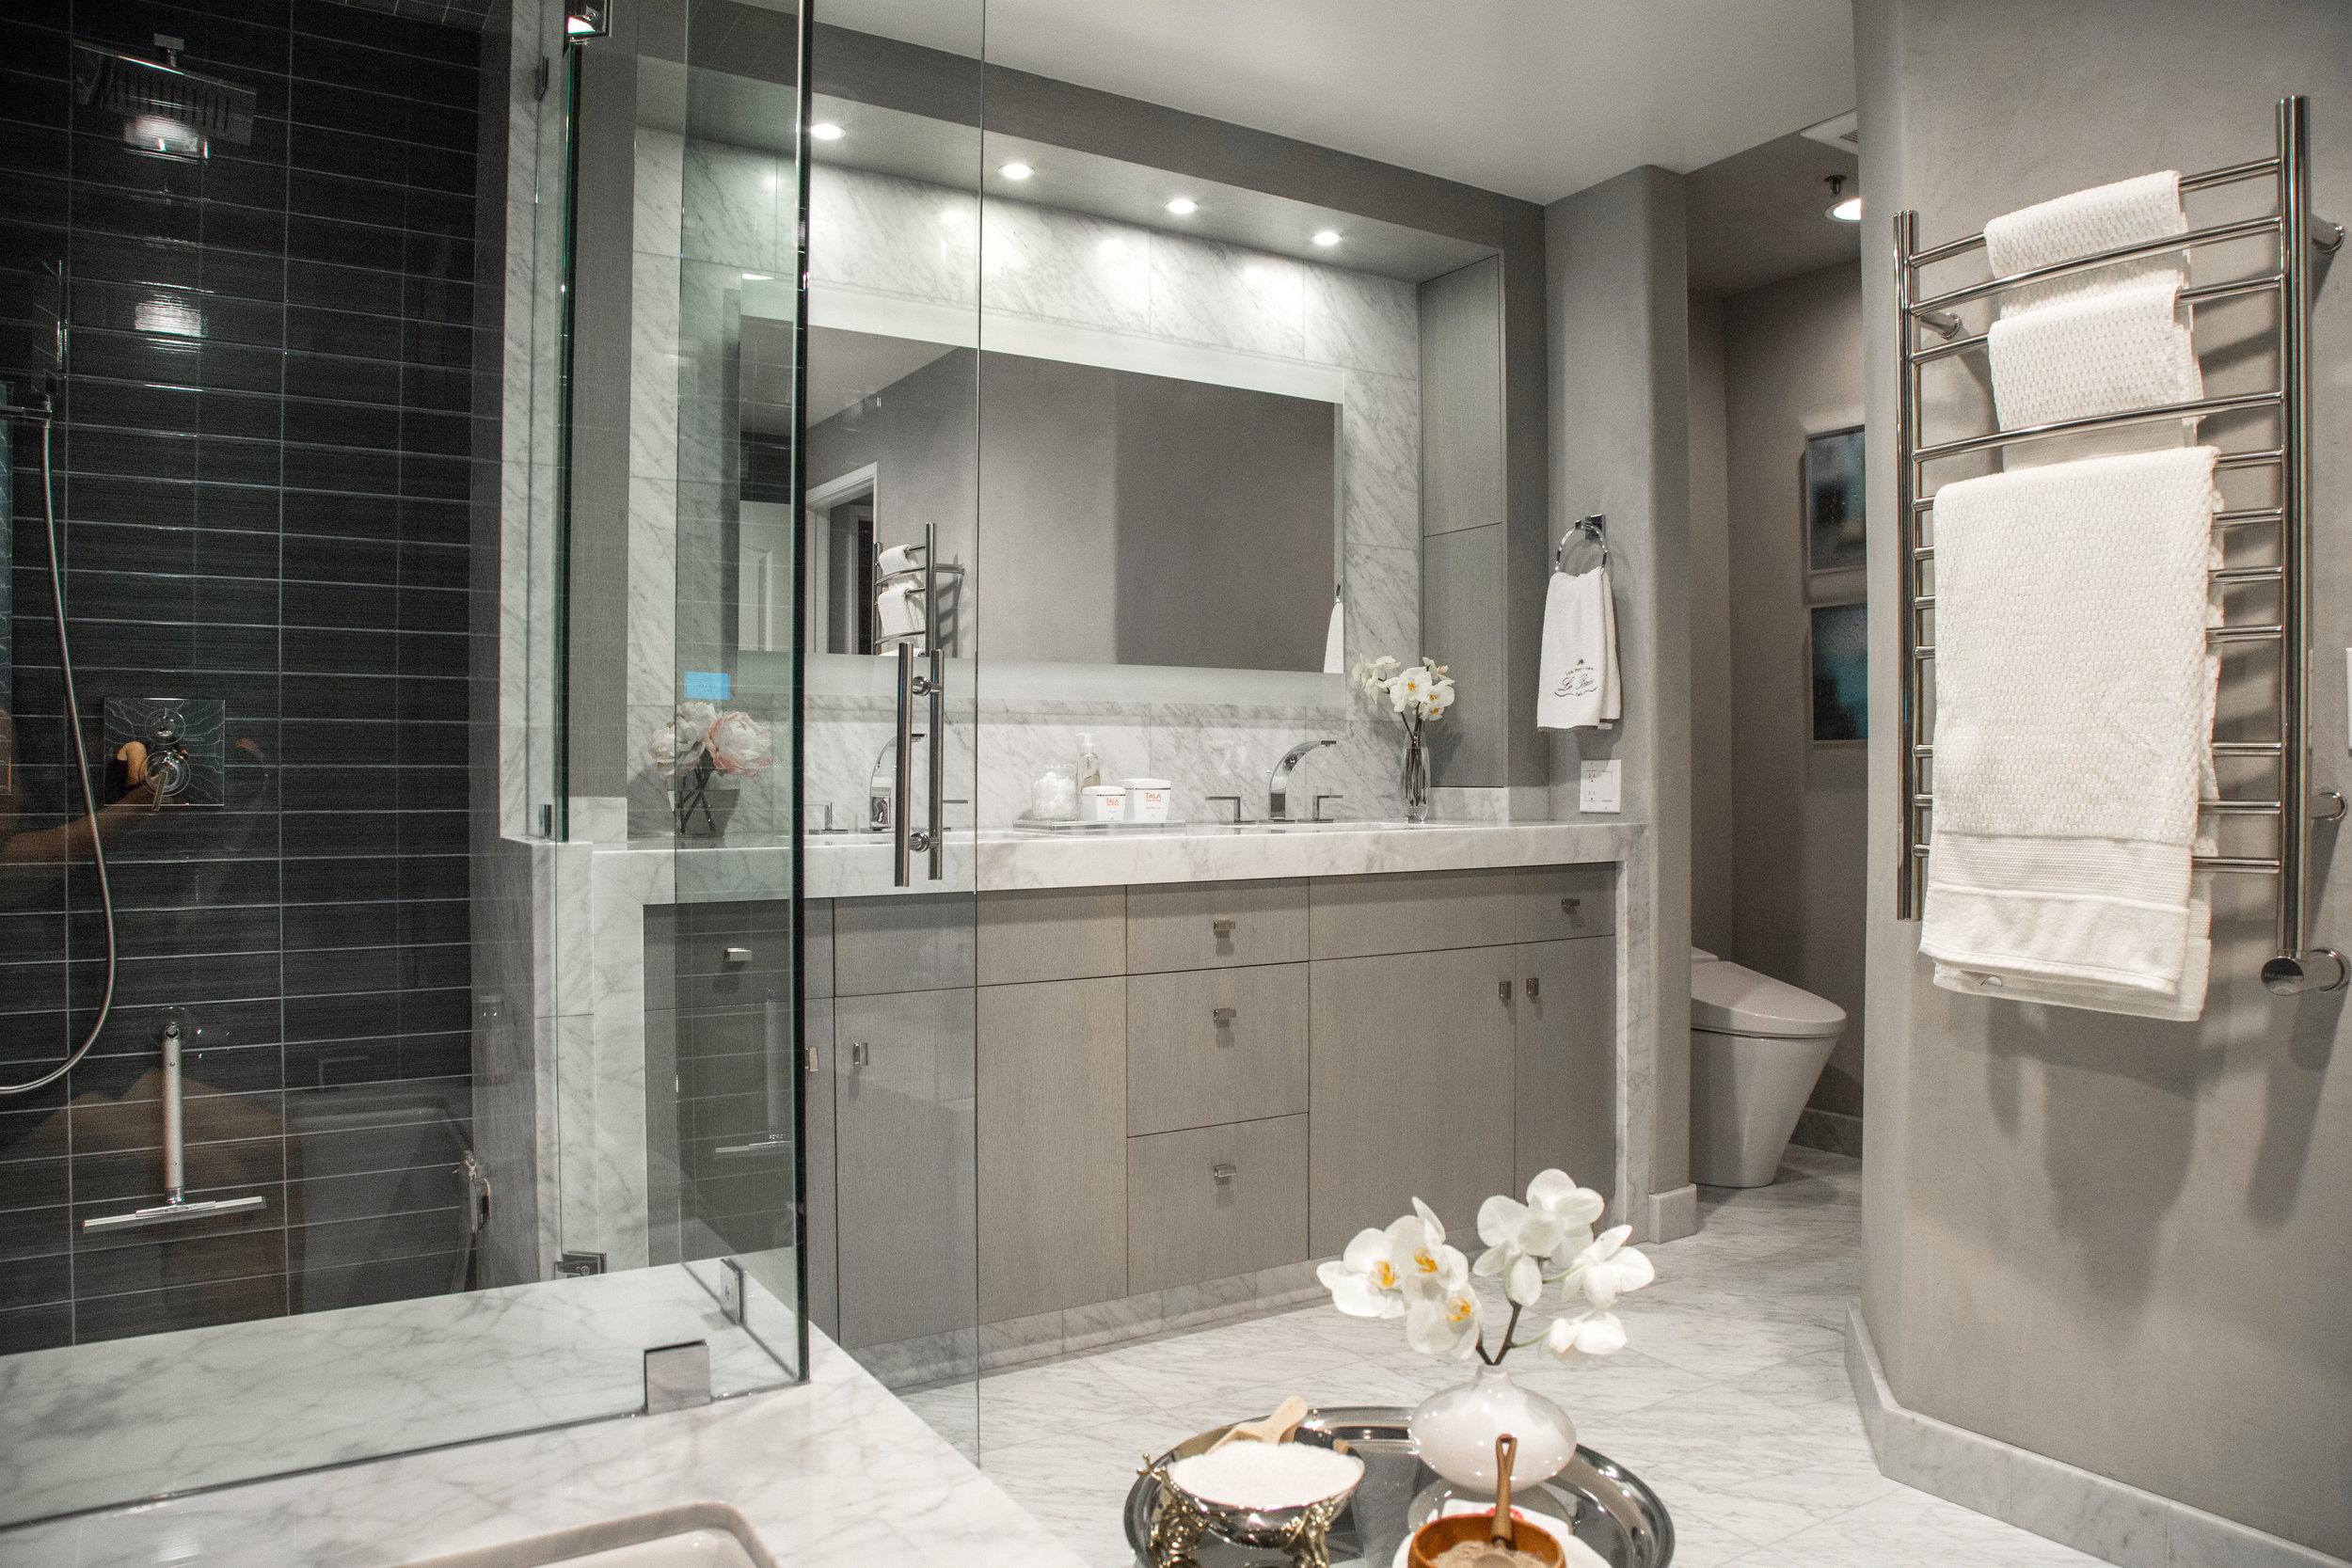 Steam shower designed in luxury bathroom by Designer: Lori Gilder #steamshower #bathroomremodel